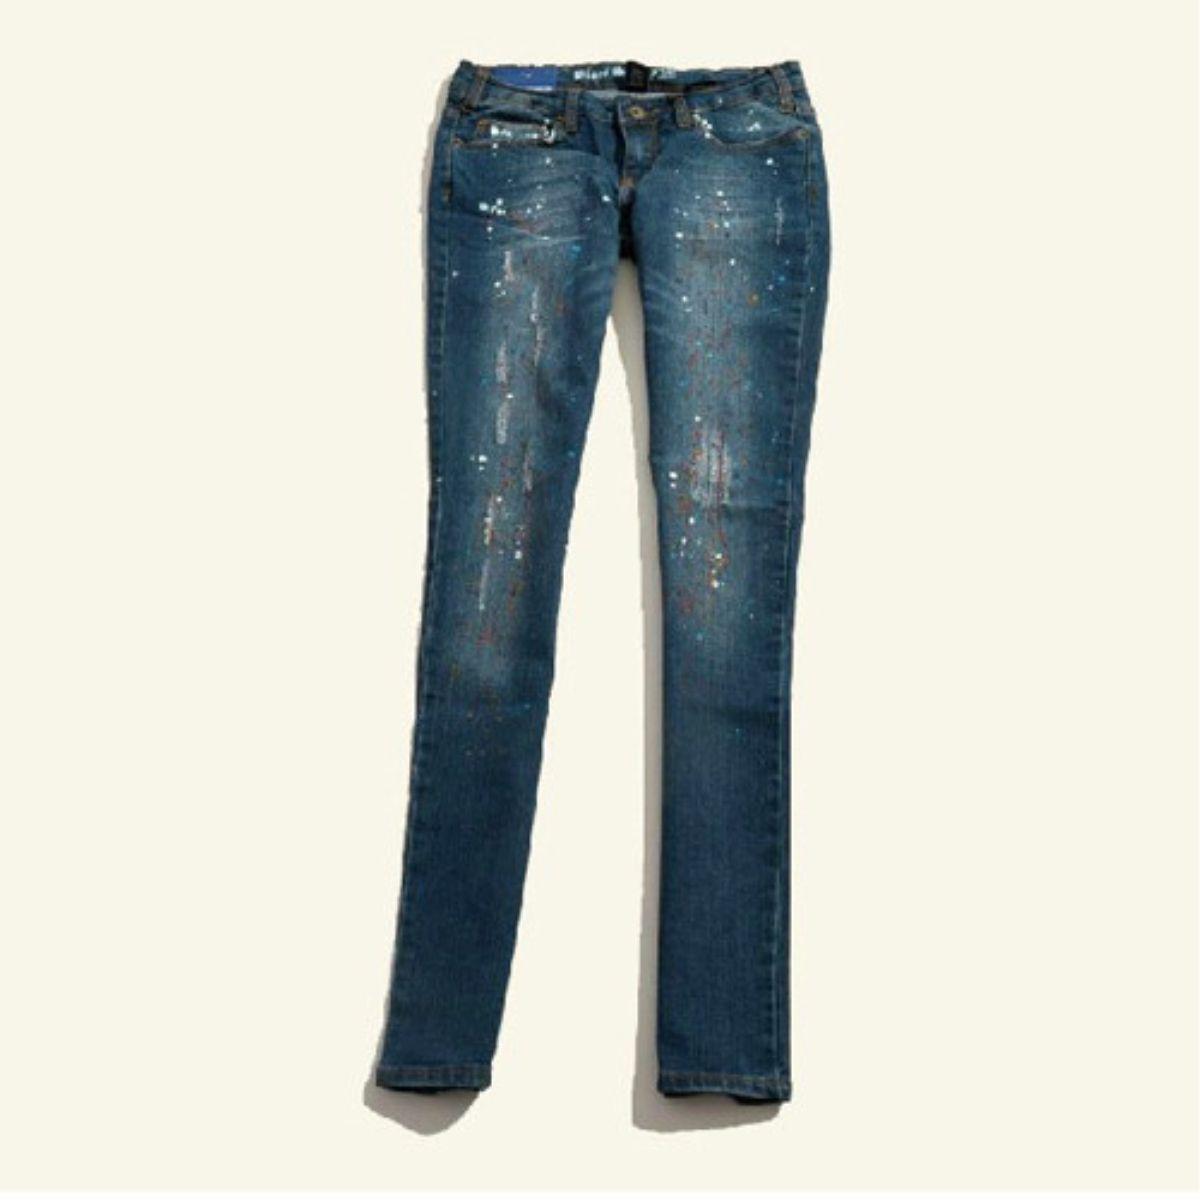 #Skinny Colorful Dots Low Waist Pockets Jeans Pants  women jean #2dayslook #jean style #jeanfashion  www.2dayslook.com